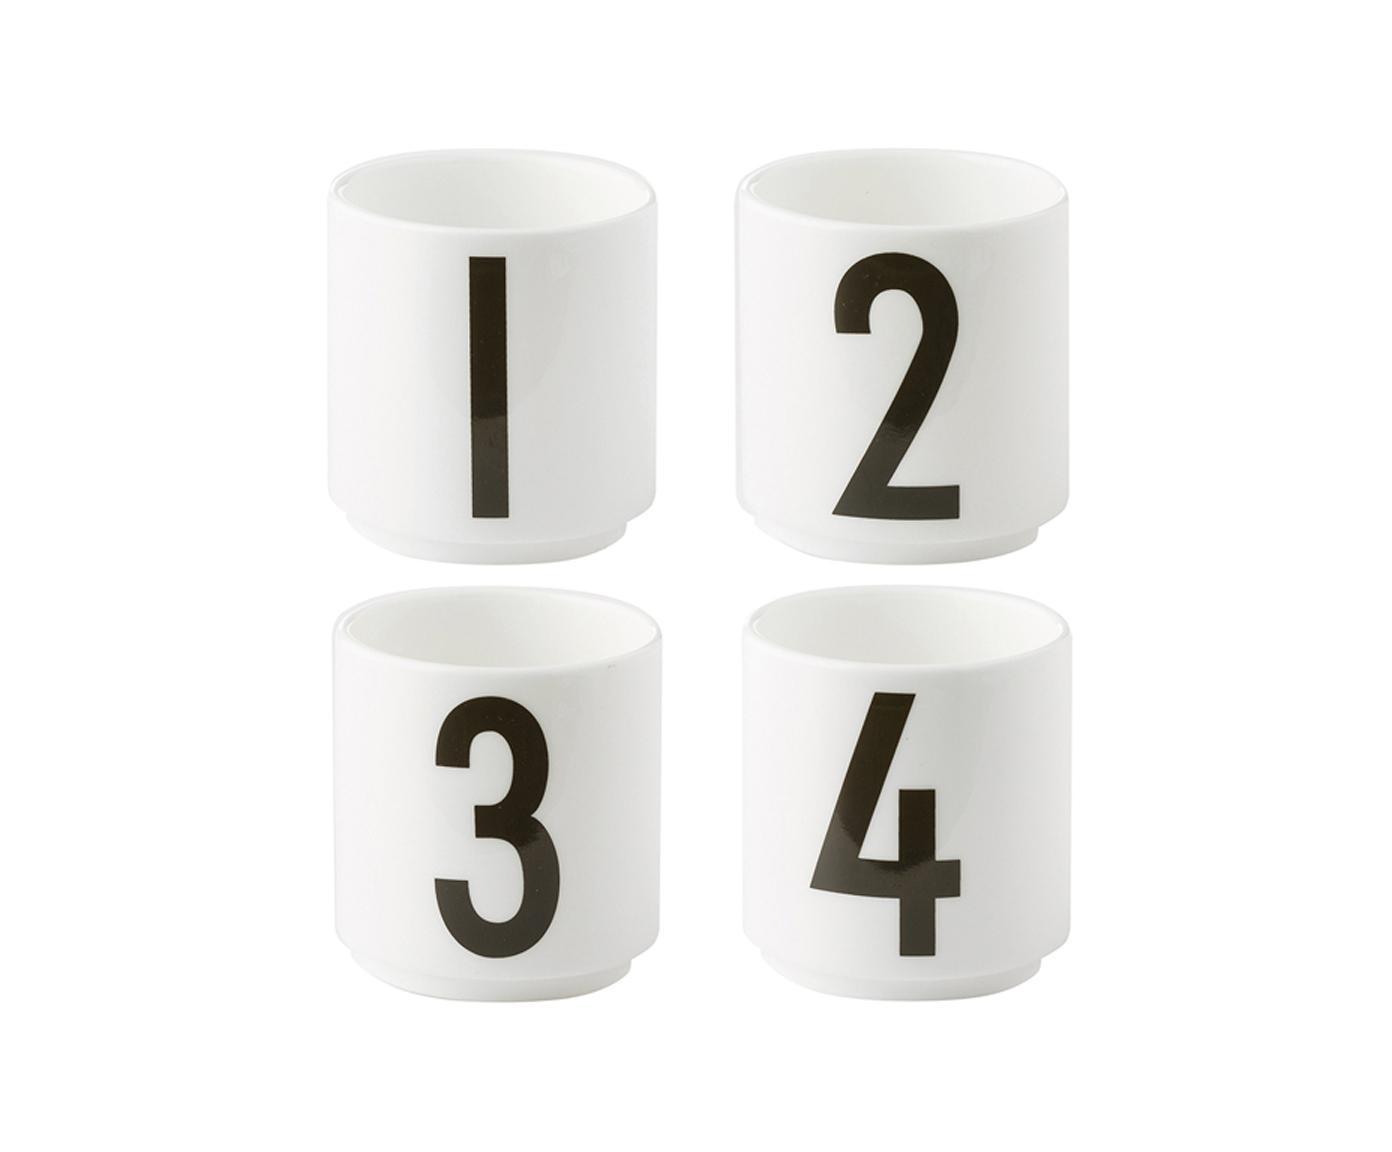 Komplet filiżanek do espresso 1234, 4 elem., Porcelana chińska, Biały, czarny, Ø 5 x W 6 cm